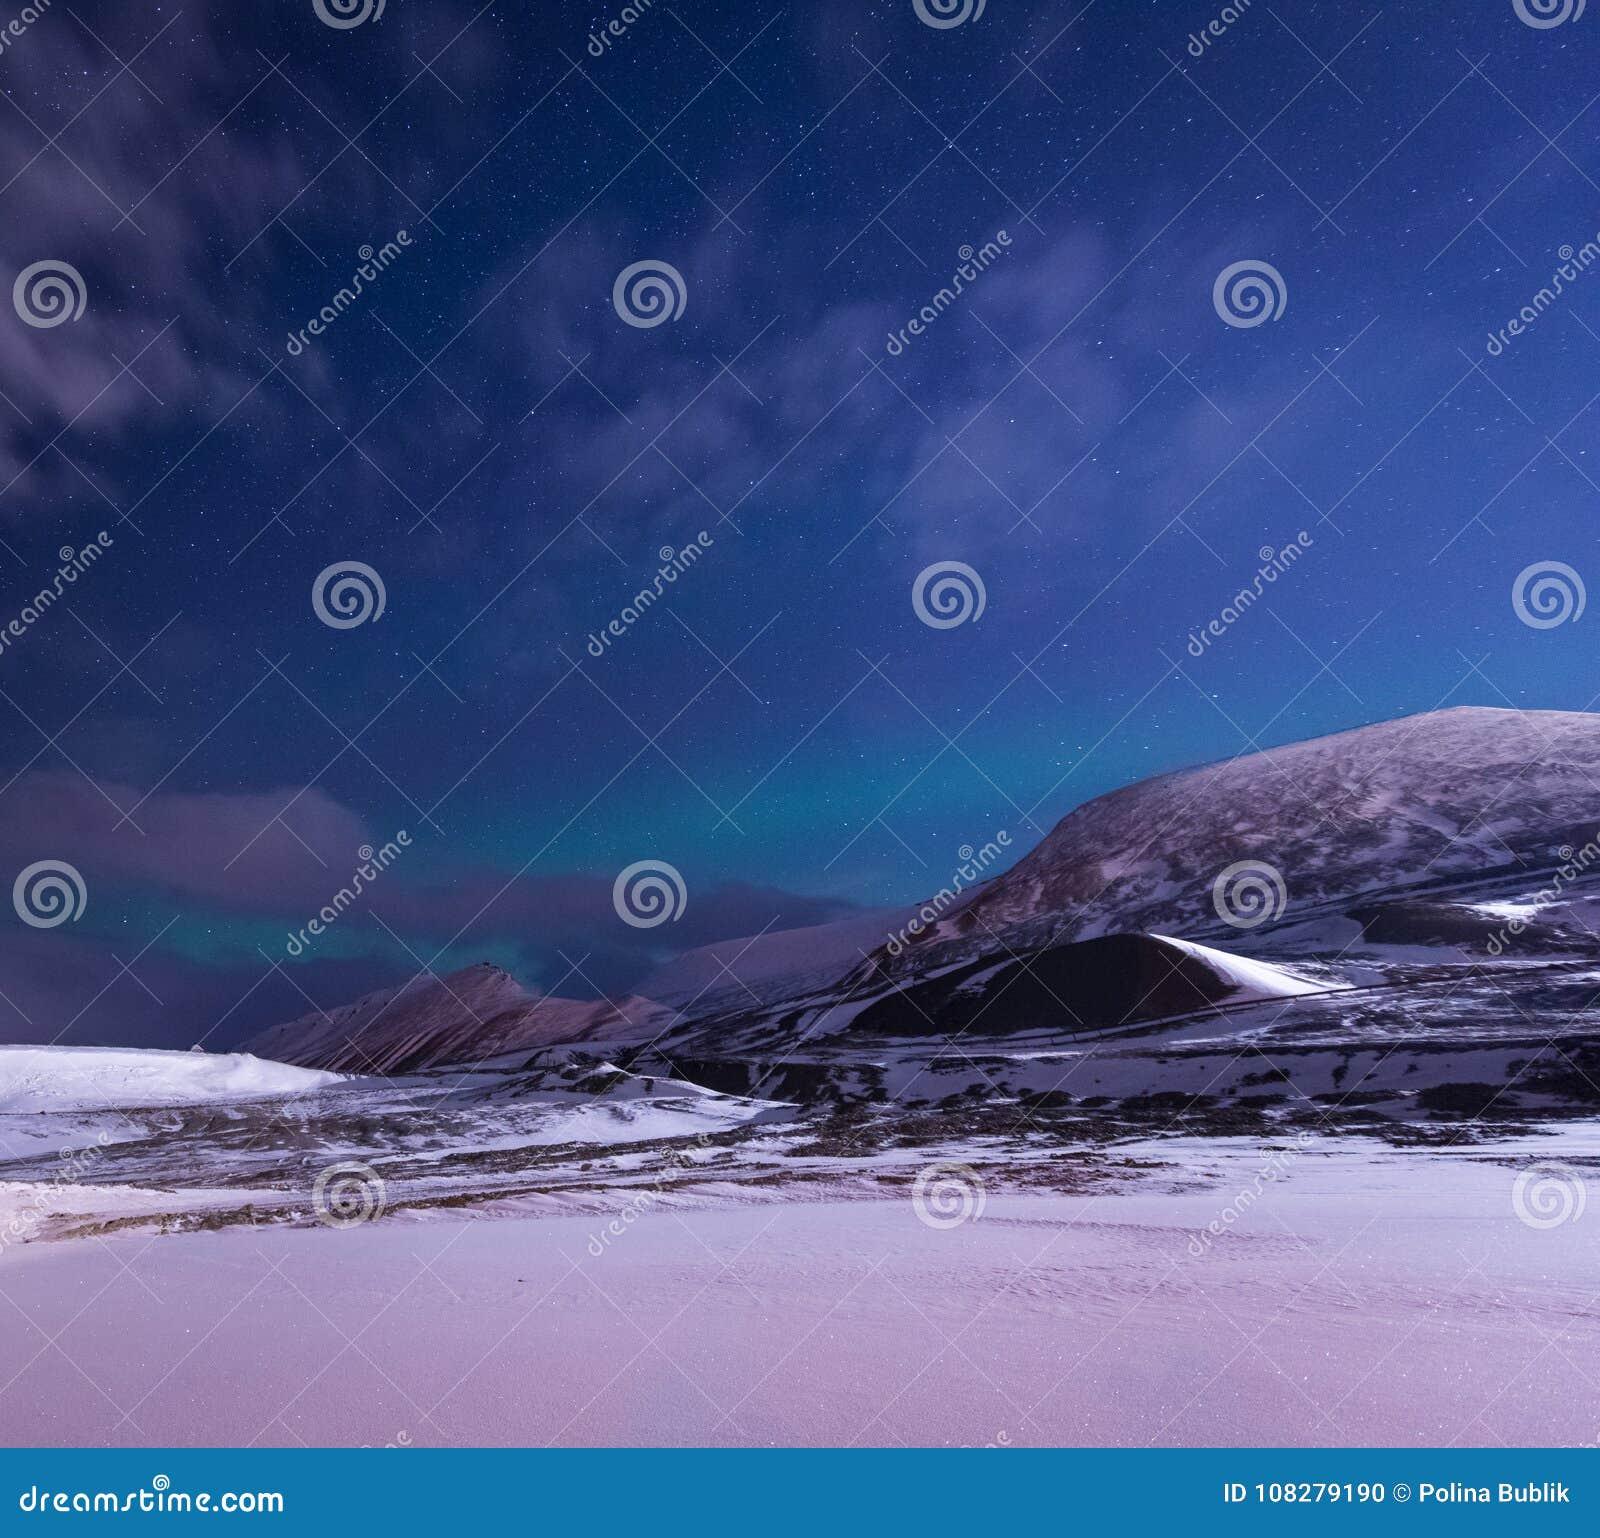 Wallpaper La Nature De Paysage De La Norvège Des Montagnes